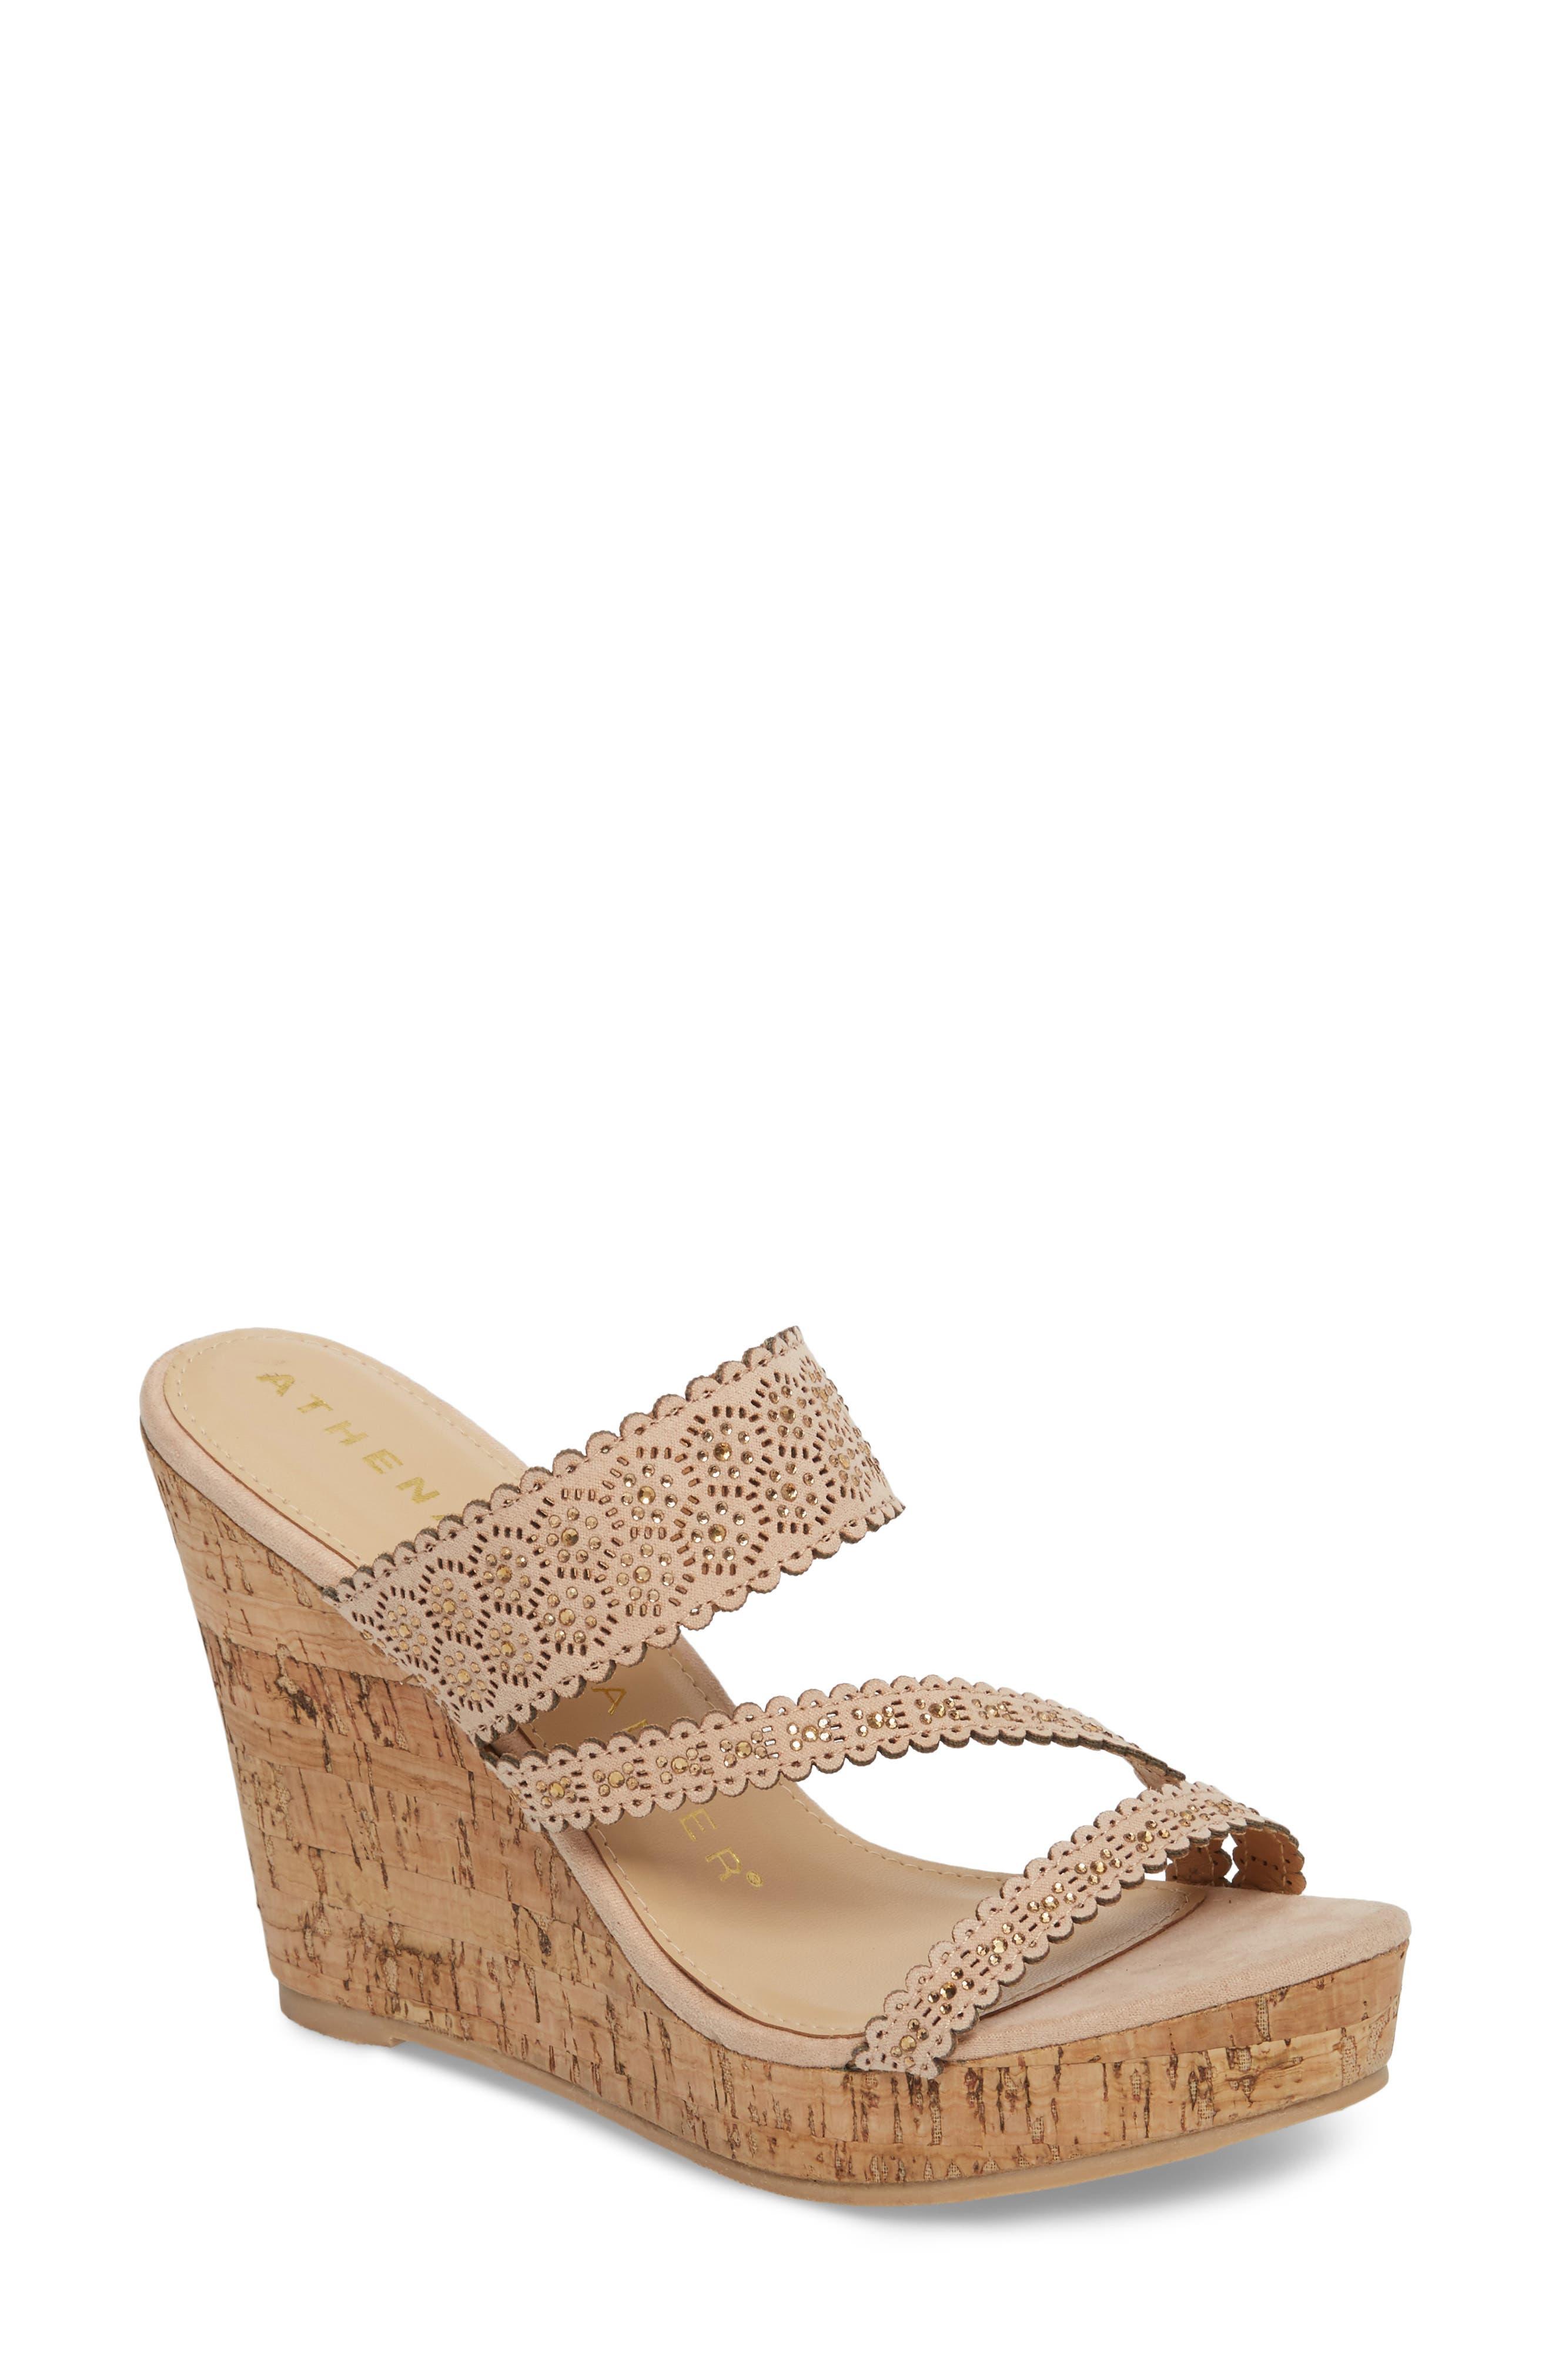 Aerin Embellished Wedge Sandal,                         Main,                         color, Blush Suede